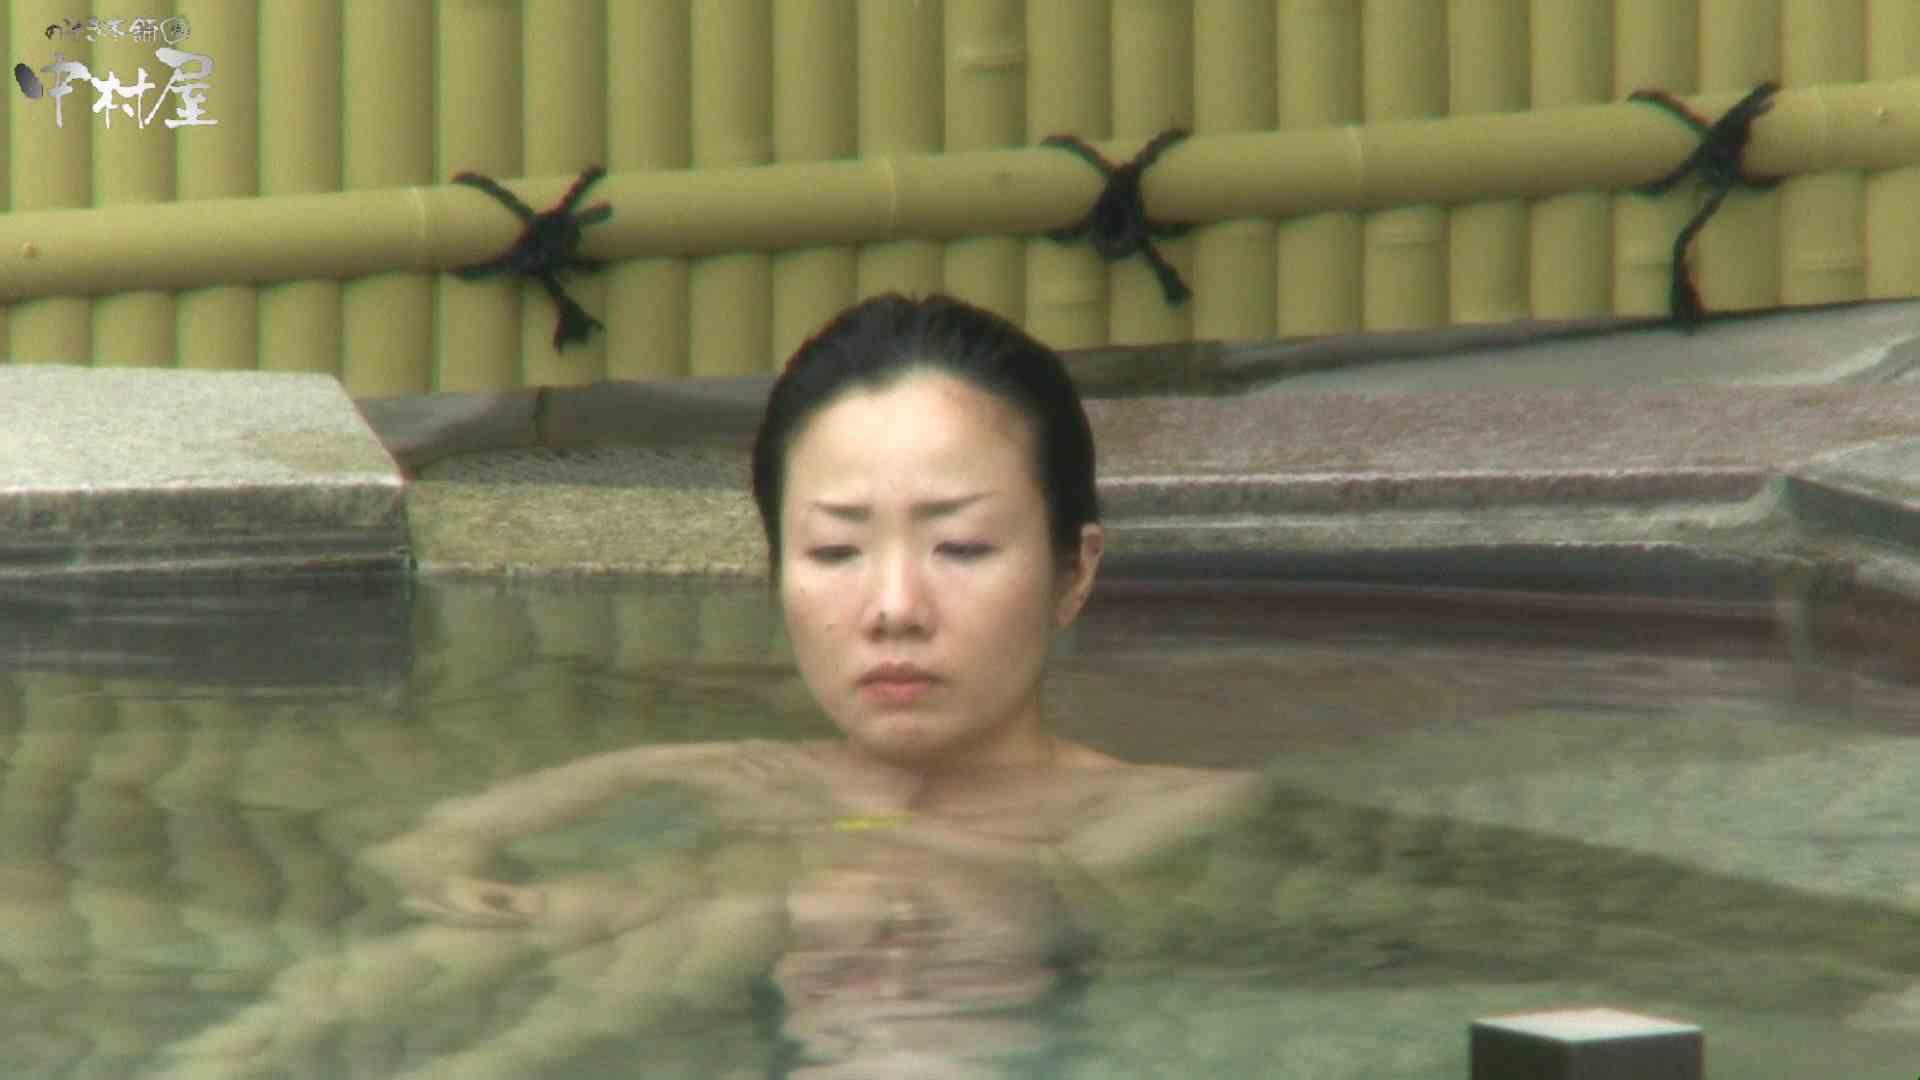 Aquaな露天風呂Vol.950 OLセックス 盗撮AV動画キャプチャ 61画像 23